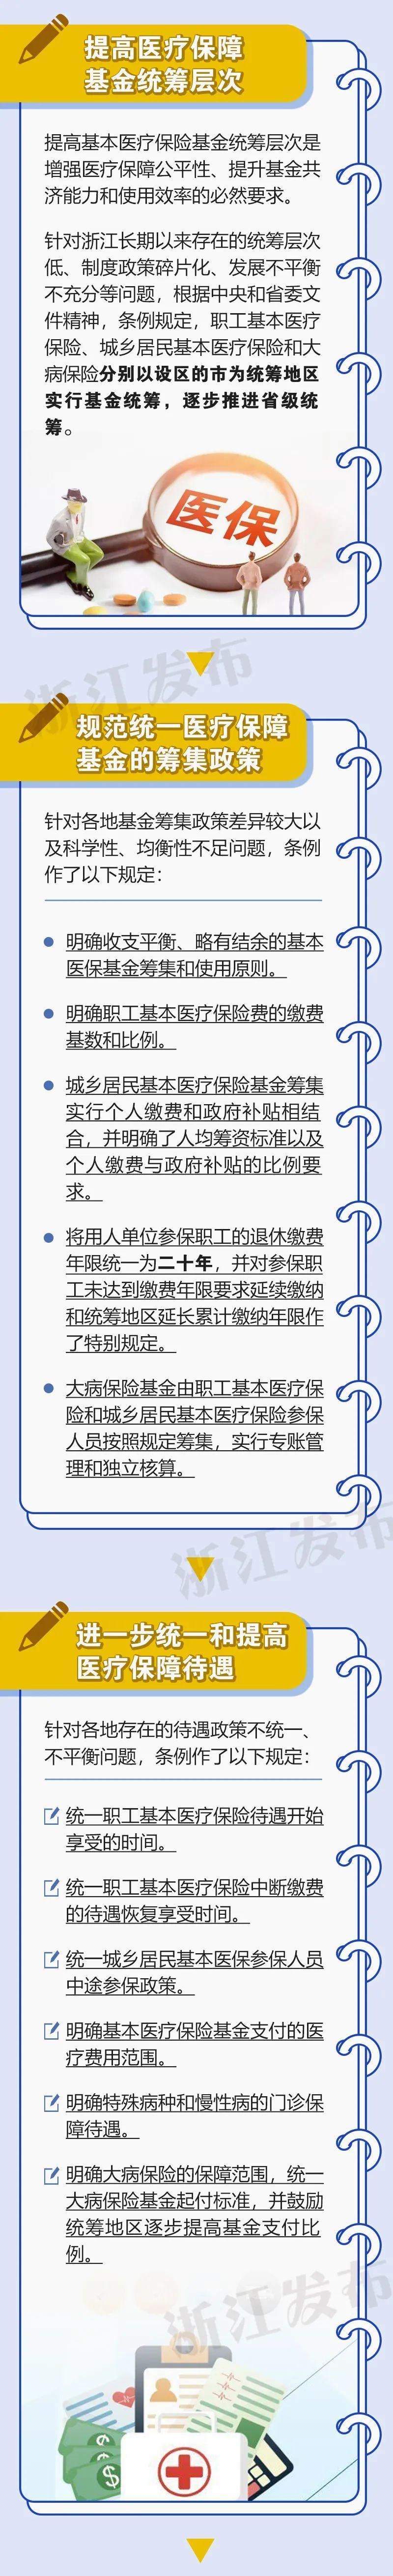 浙江人的医保将有新变化!7月1日起施行!